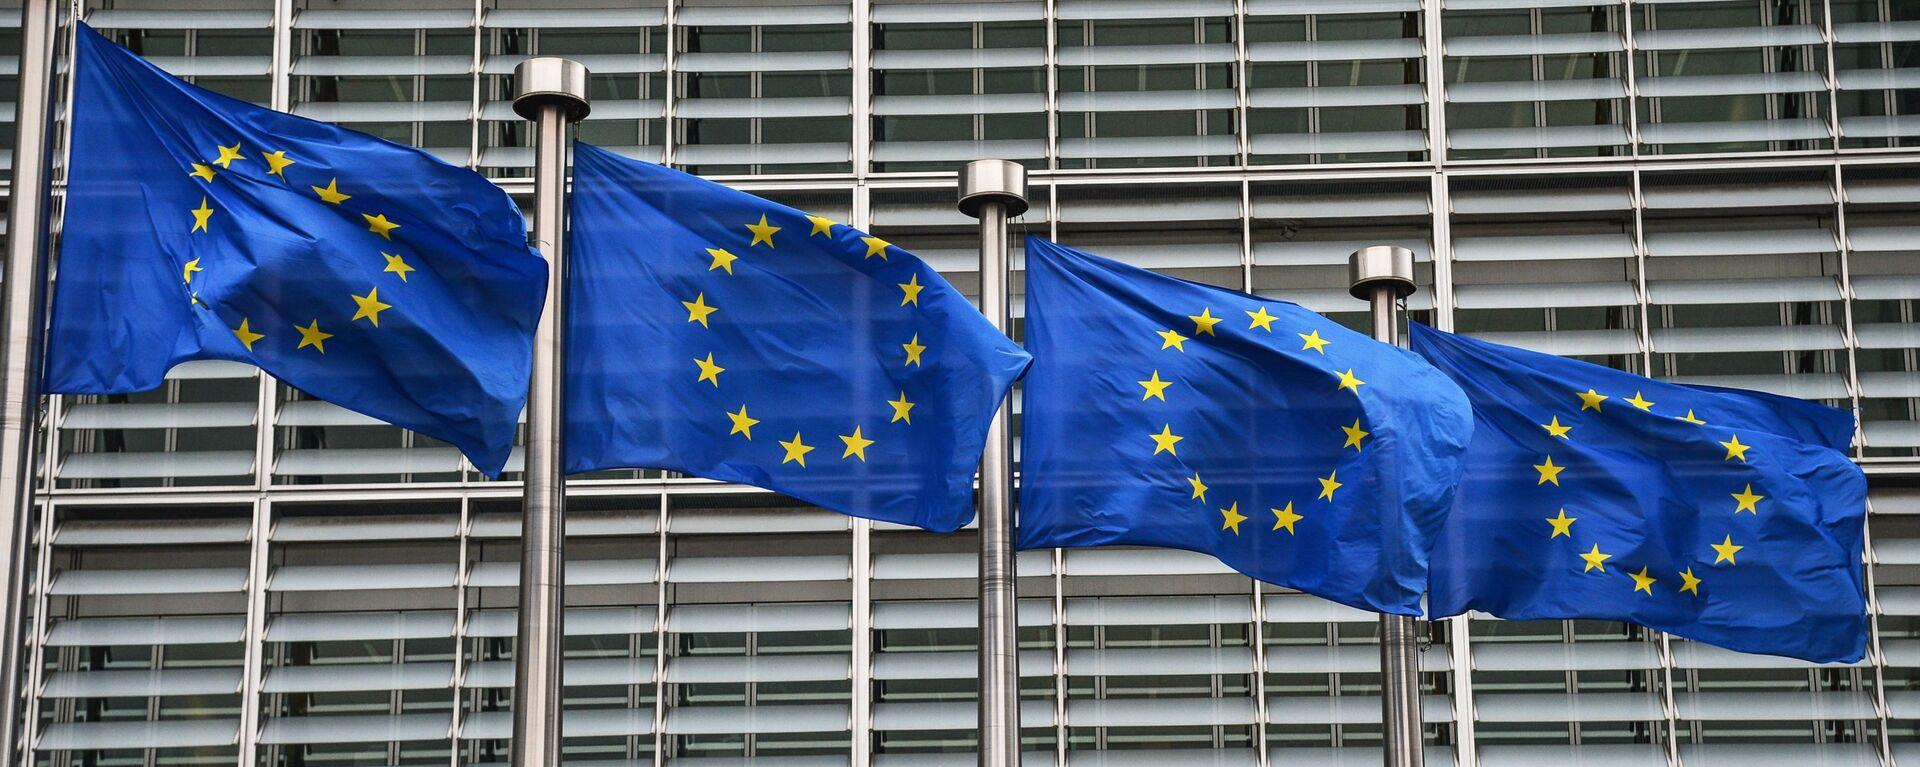 Флаги с символикой Евросоюза у здания Еврокомиссии в Брюсселе. - Sputnik Тоҷикистон, 1920, 03.03.2021